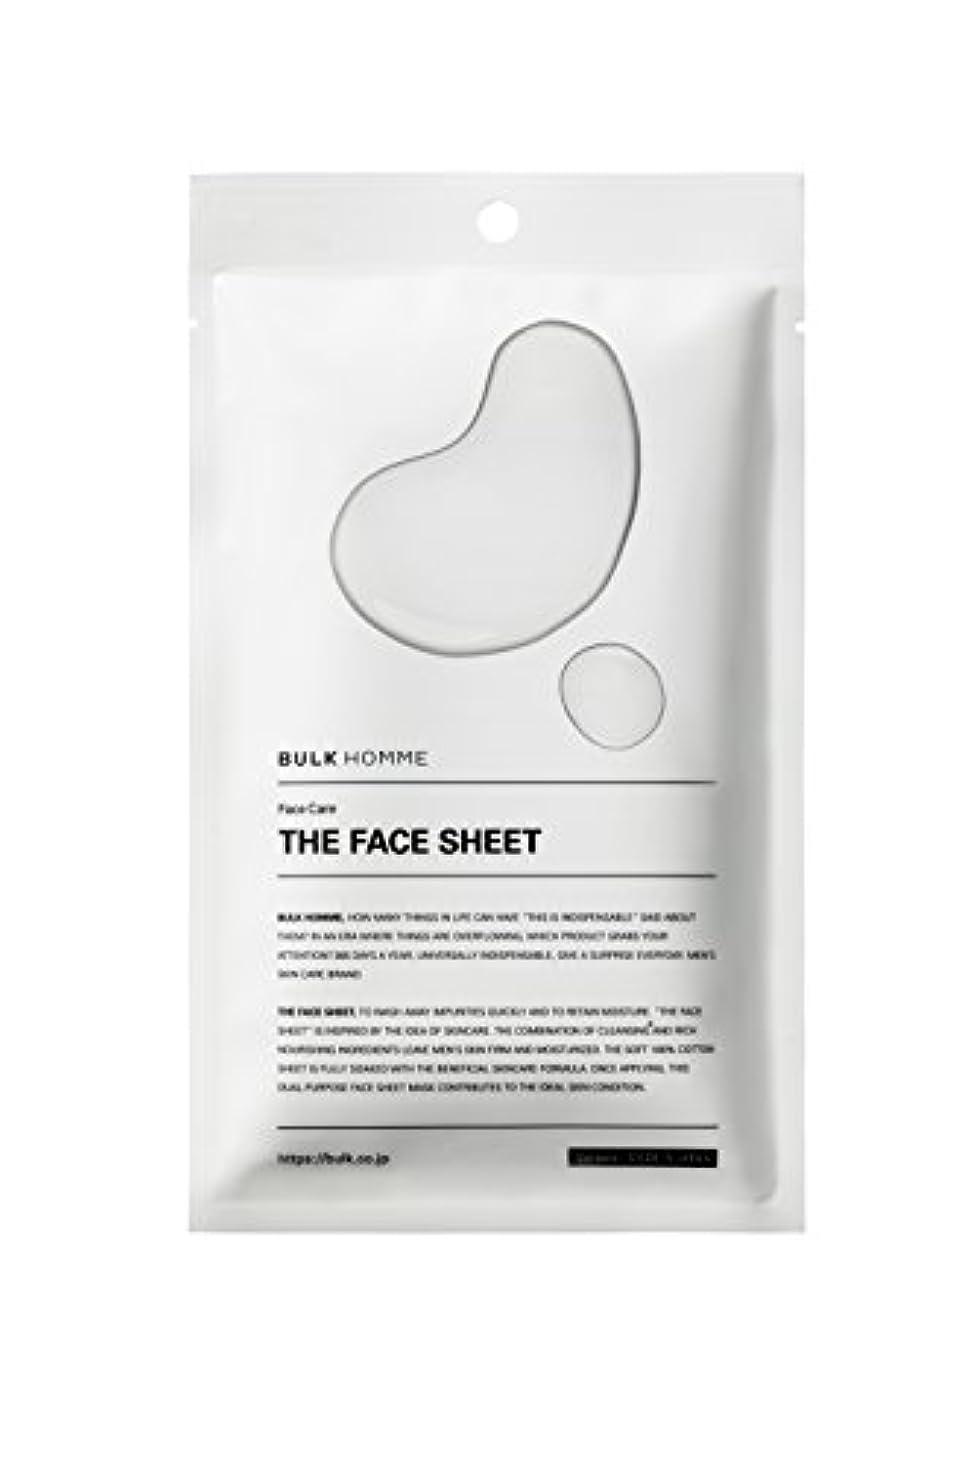 愛されし者体系的に精算バルクオム THE FACE SHEET フェイスシート(低刺激 拭き取り化粧水)10枚